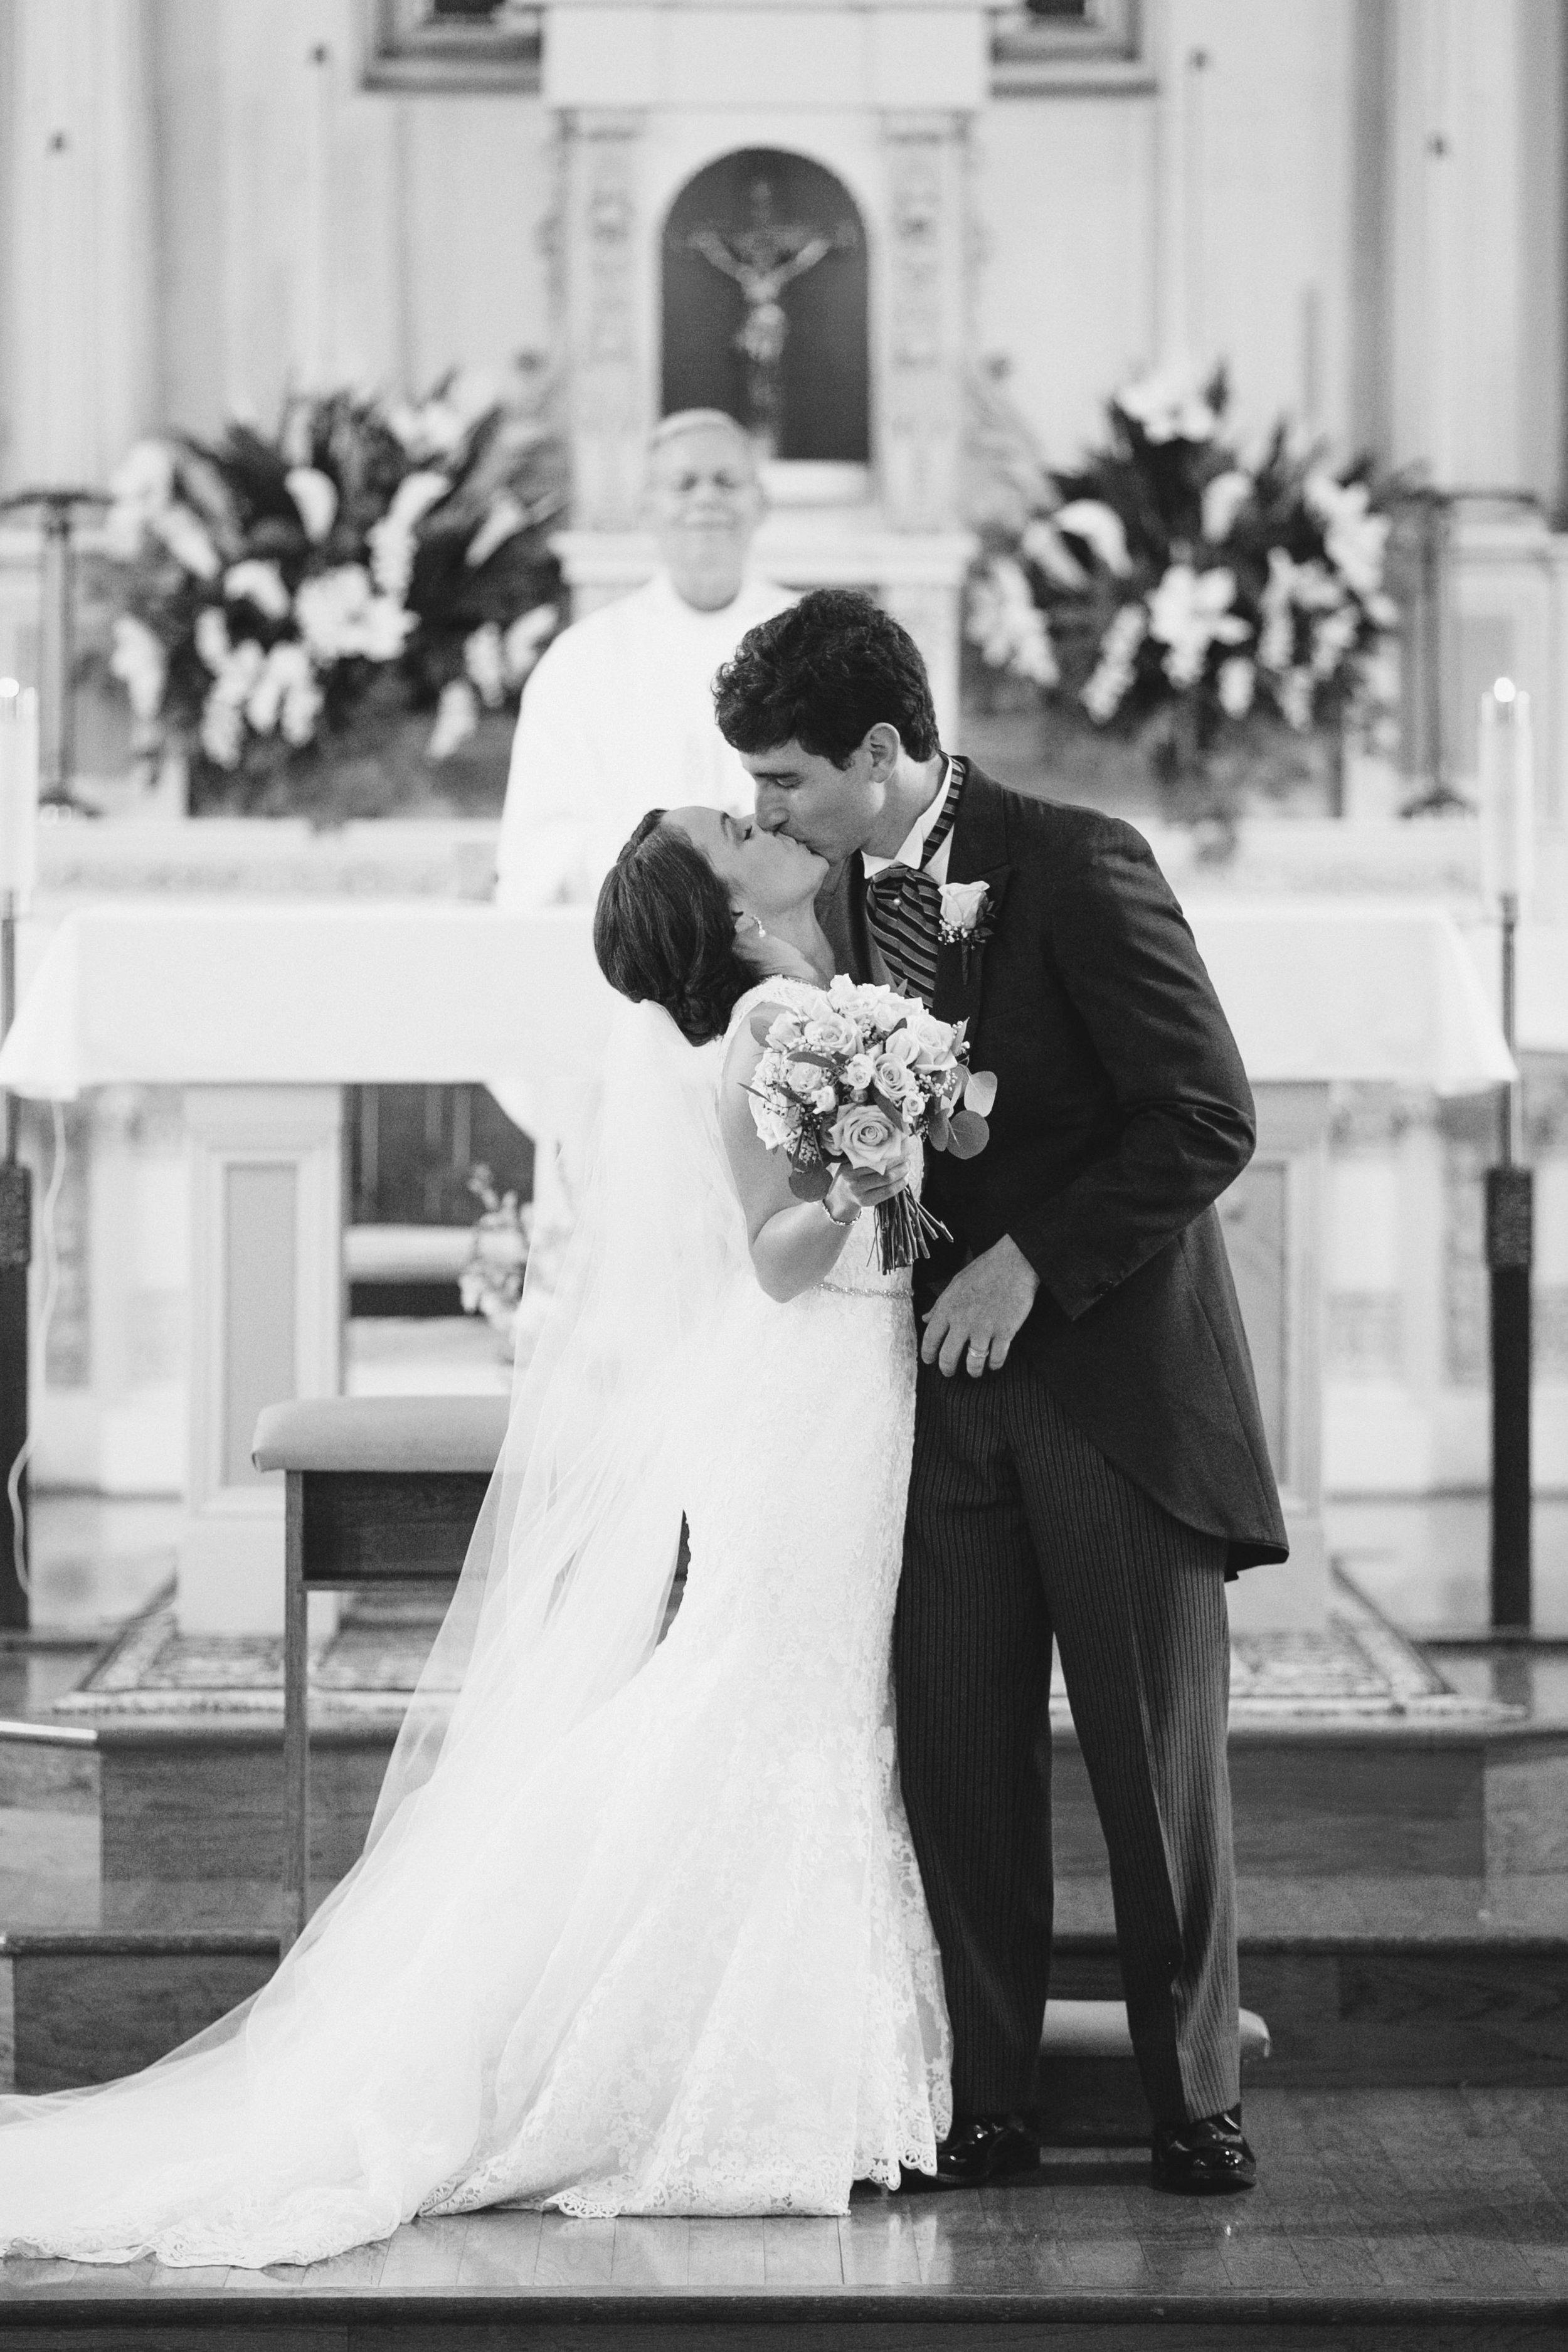 Ducote_Naccari_wedding_0439bw.jpg